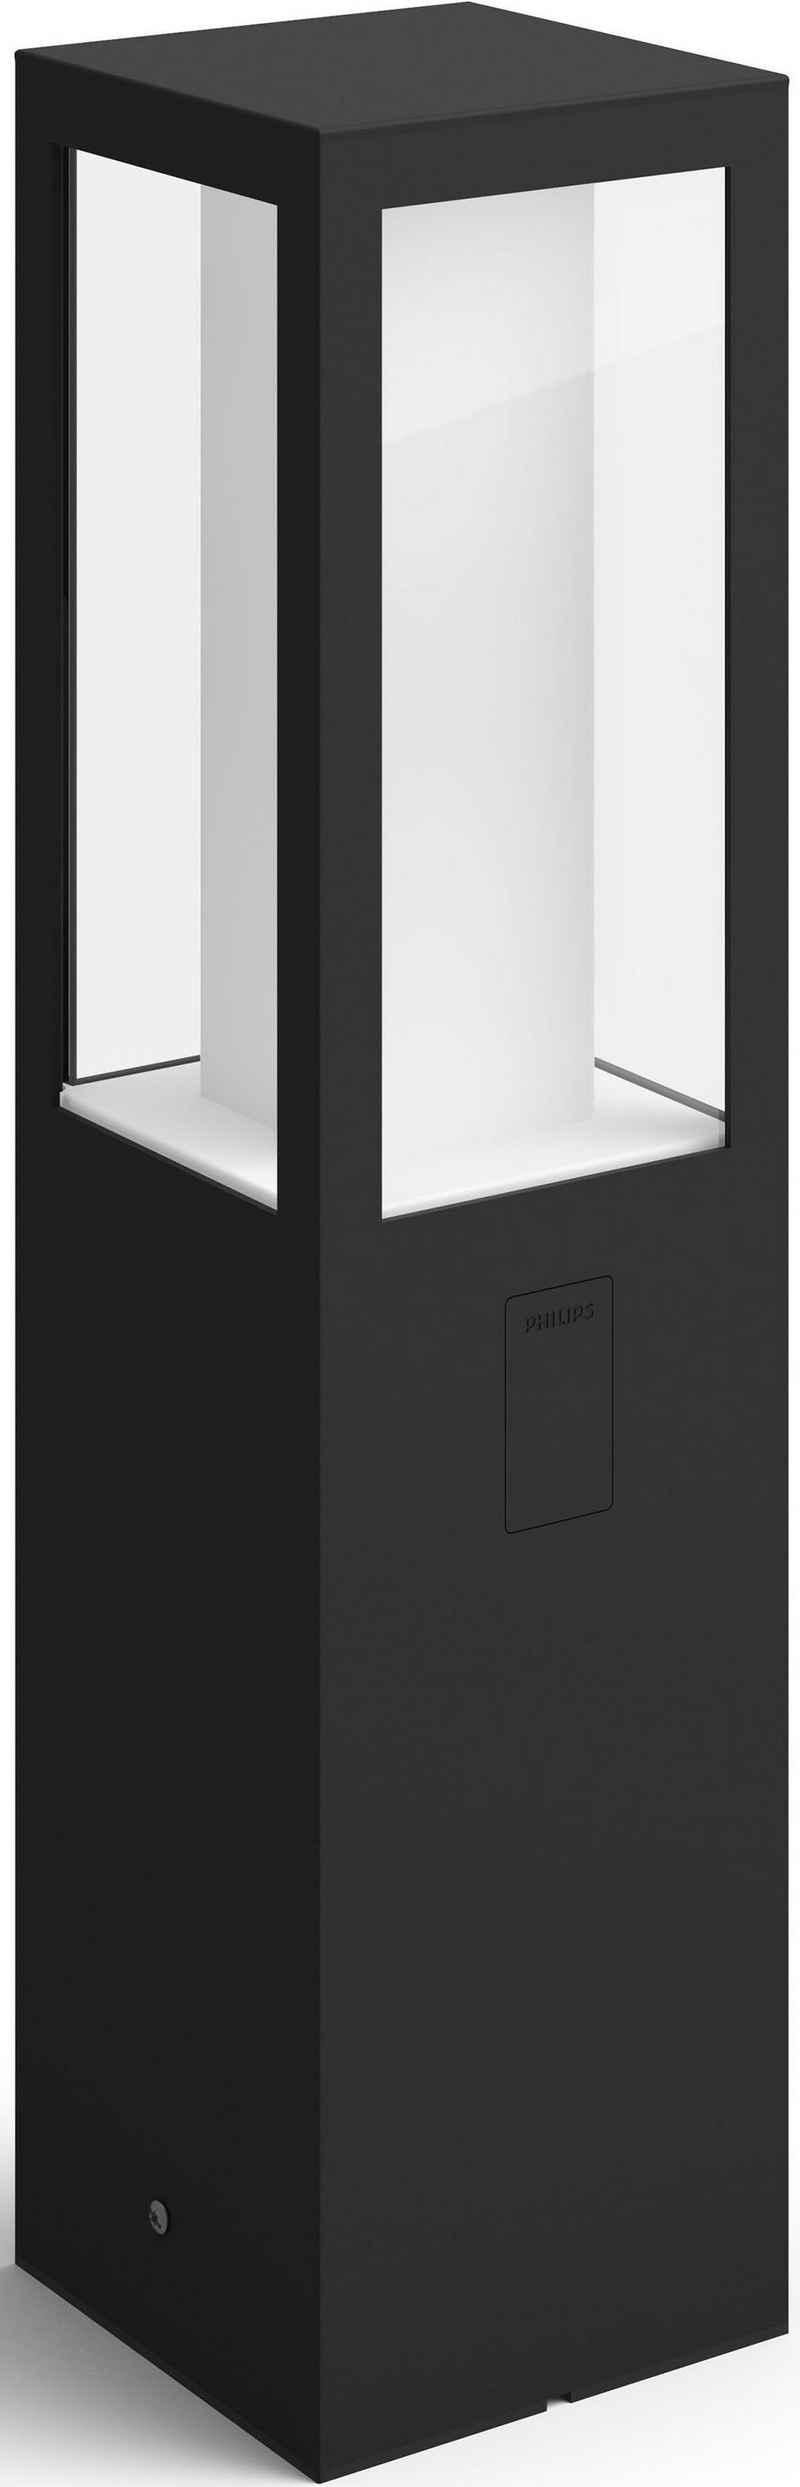 Philips Hue LED Außen-Tischleuchte »Impress«, Sockelleuchte inkl. LEDs fest integriert, Netzteil mit Kabel und Treiber, Erdspieß, Verlängerungskabel